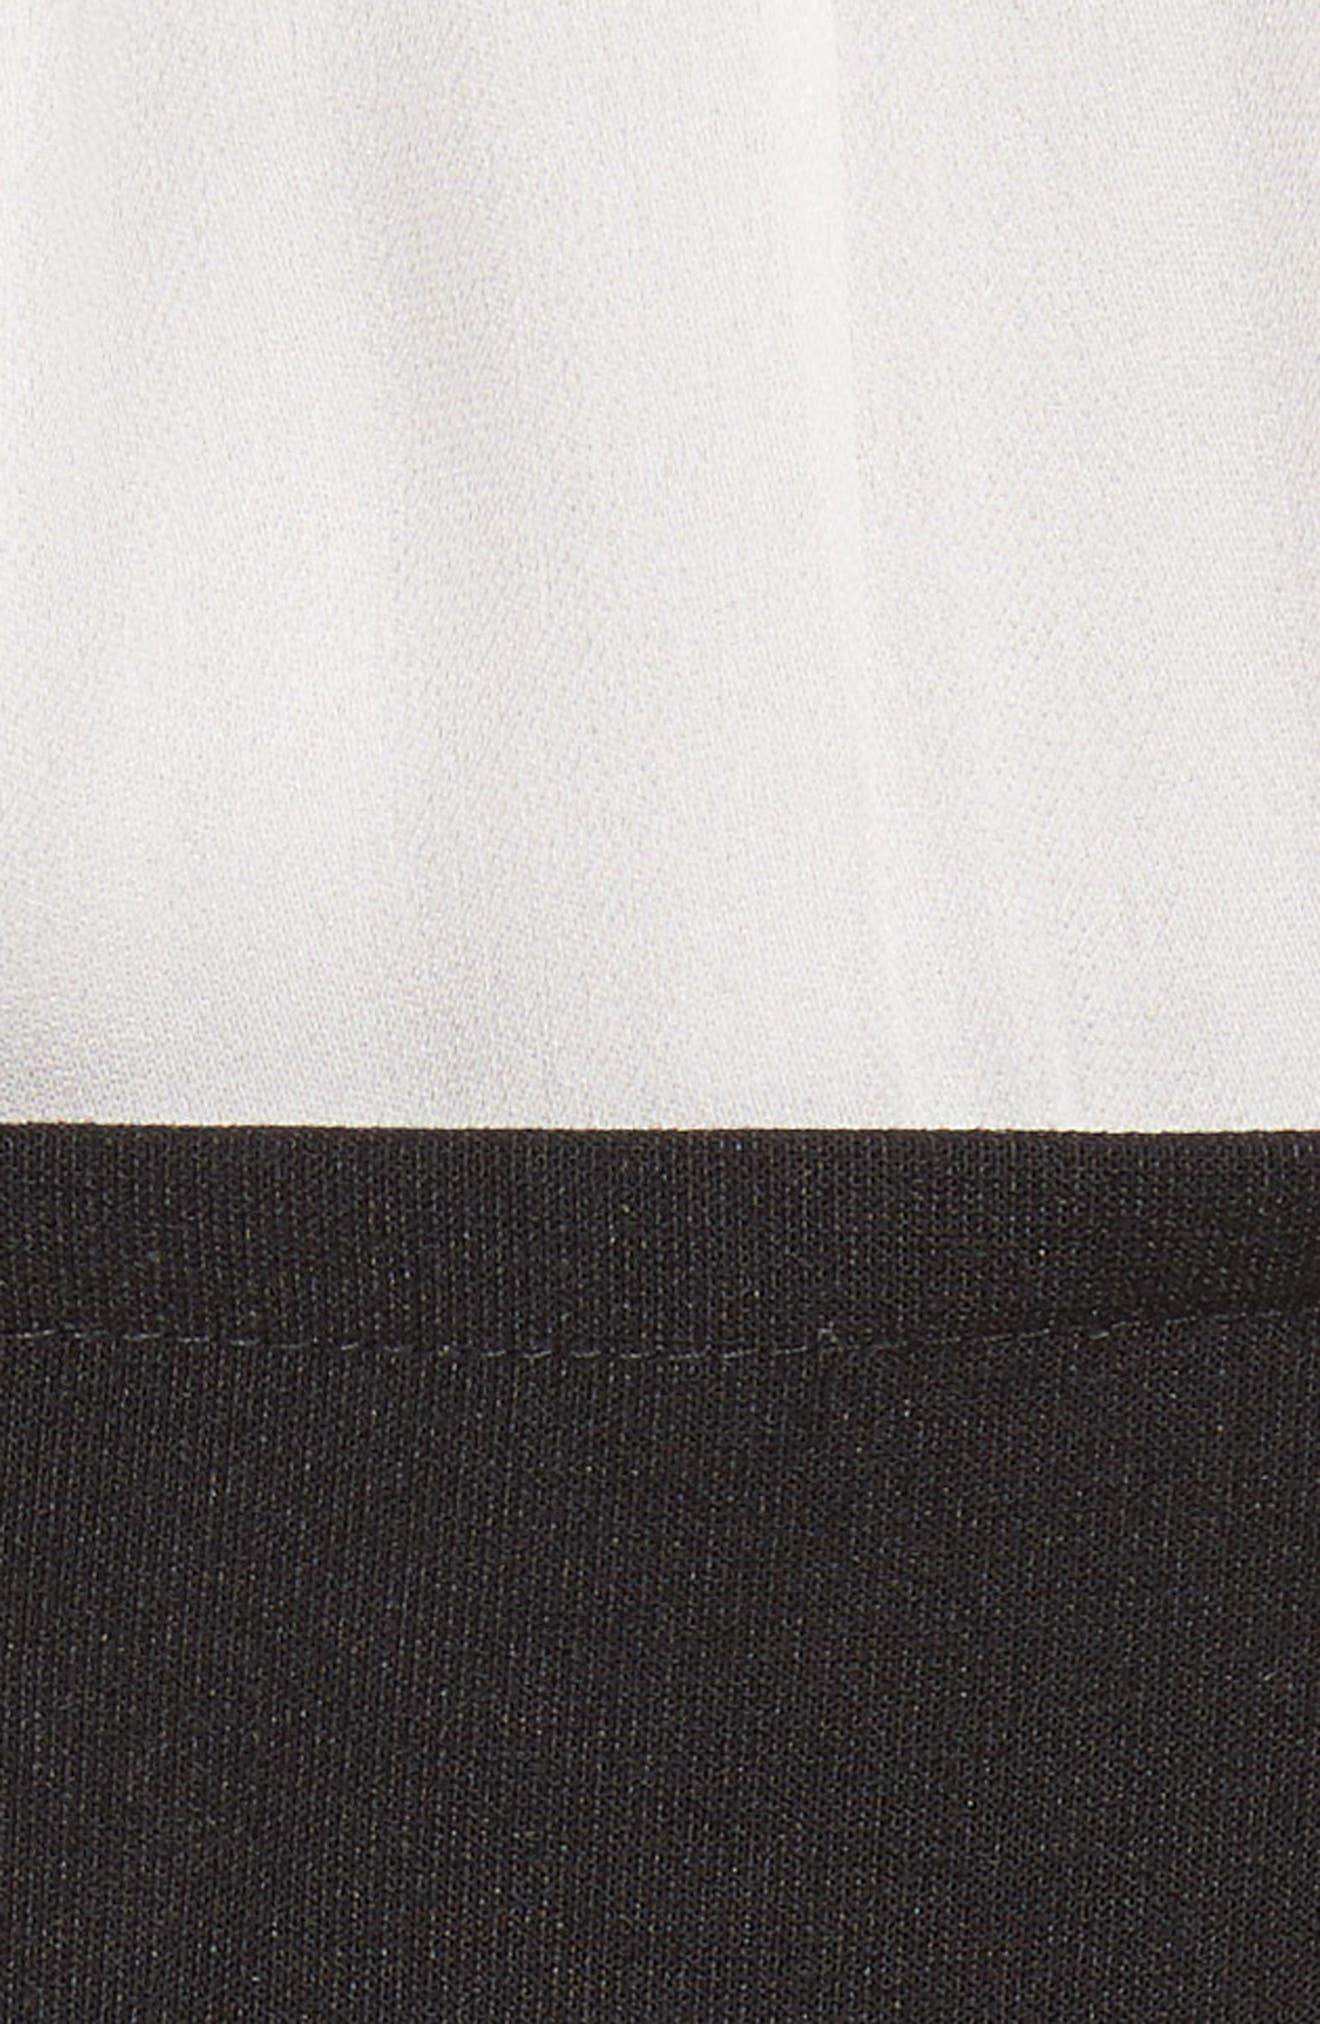 Noemi Halter Neck Dress,                             Alternate thumbnail 5, color,                             015